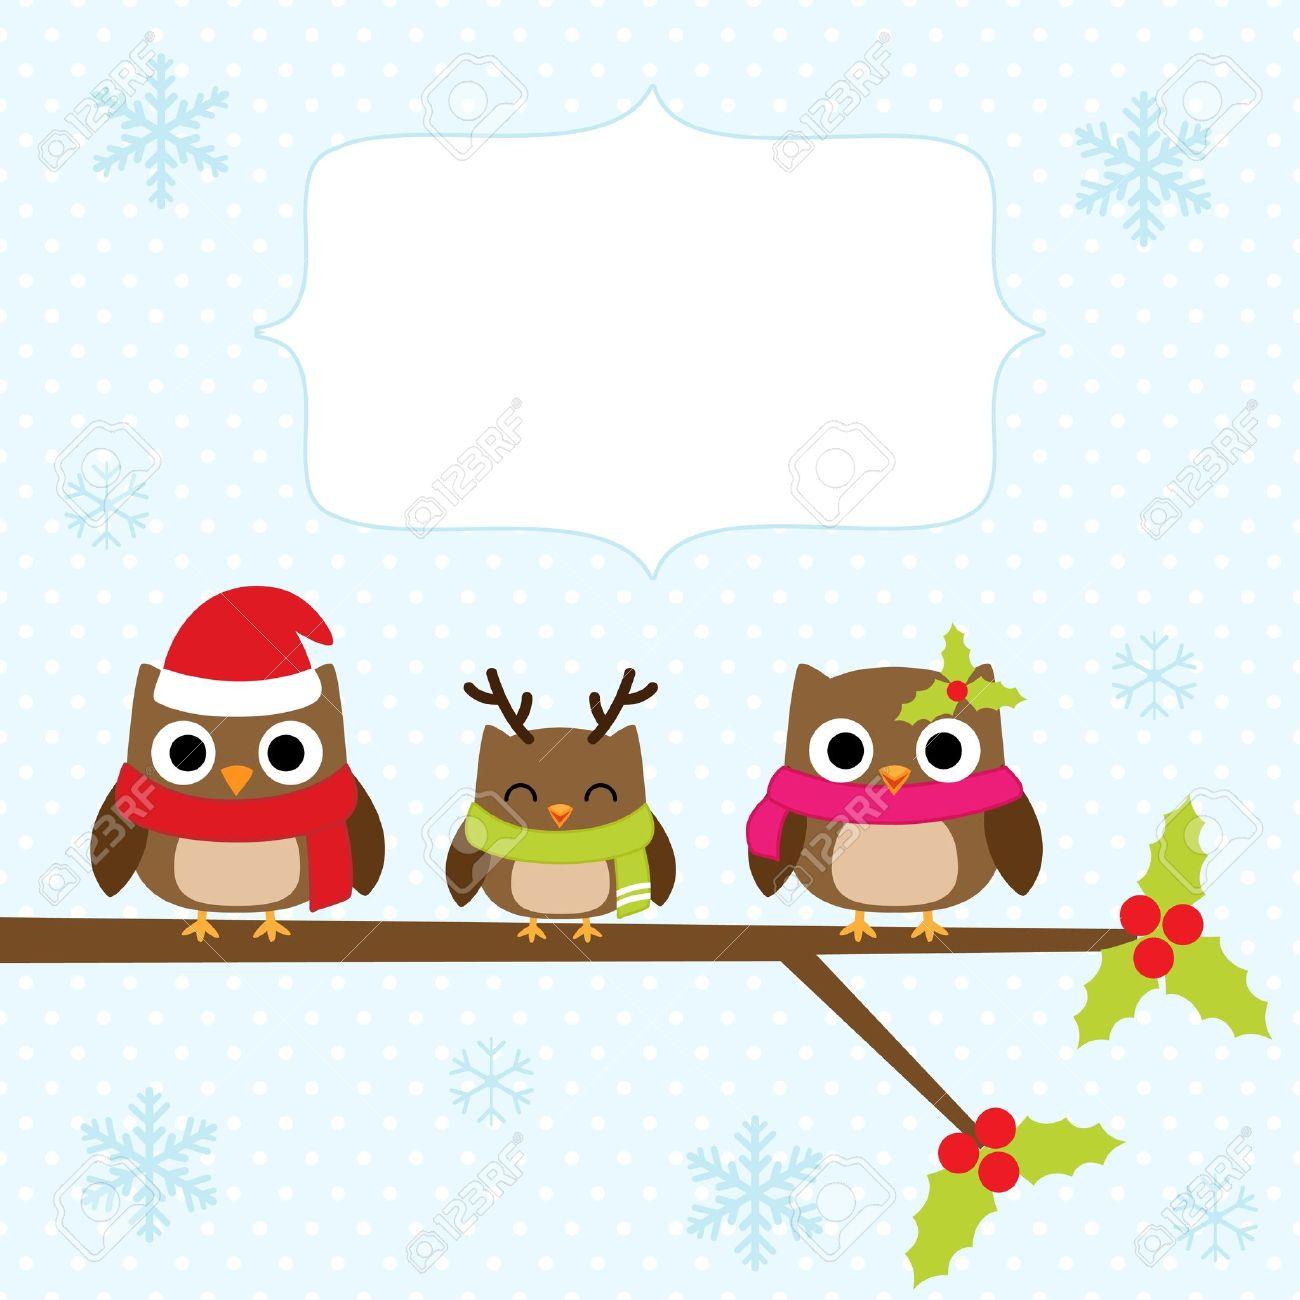 tarjeta de navidad con la familia de los bhos foto de archivo